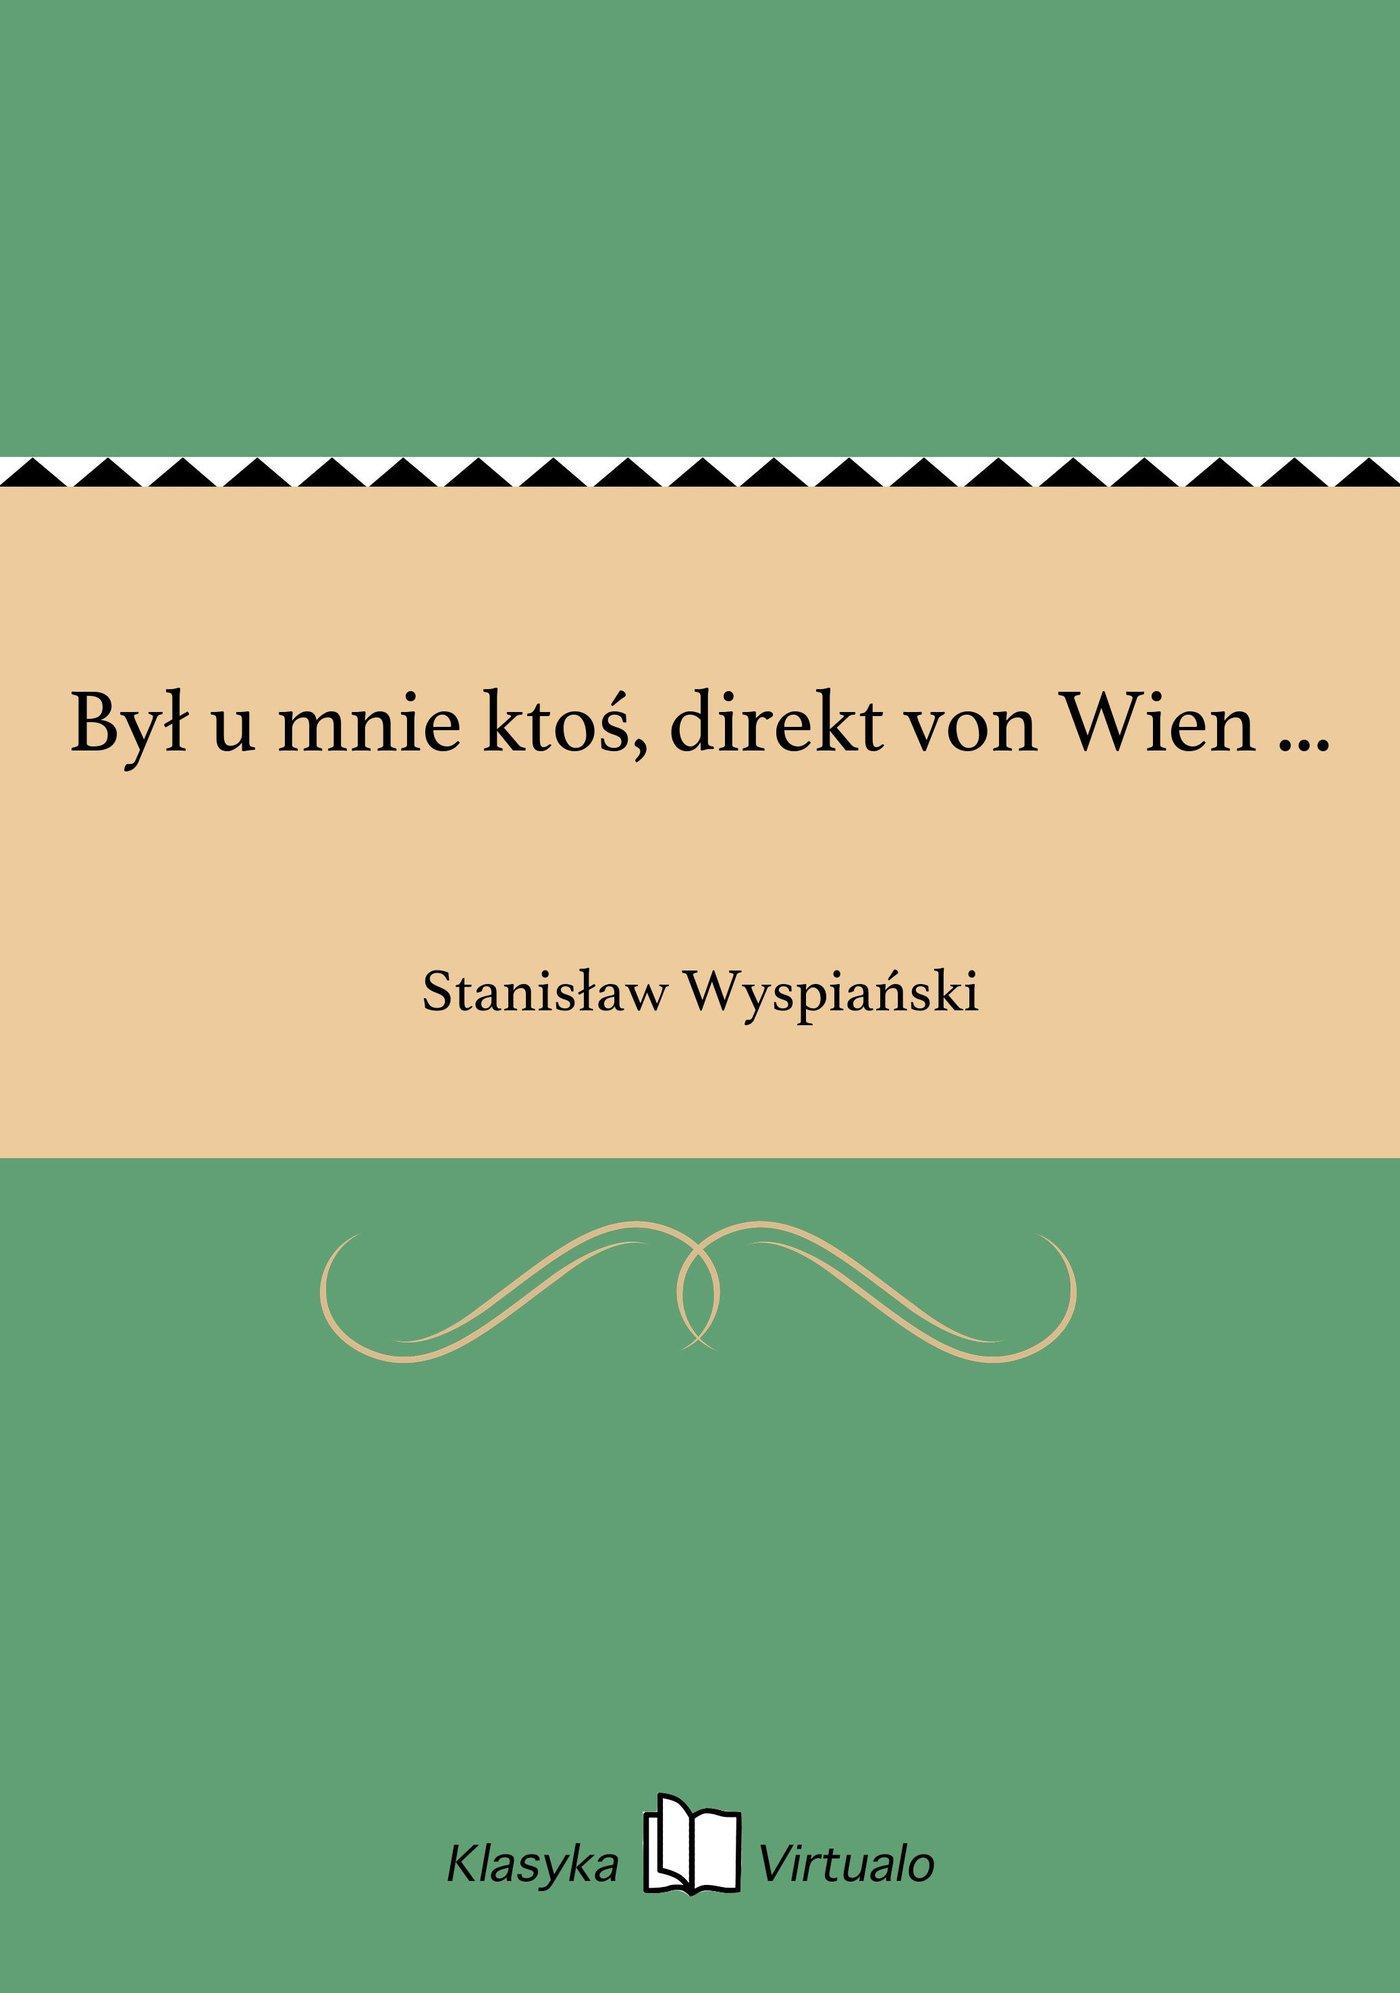 Był u mnie ktoś, direkt von Wien ... - Ebook (Książka EPUB) do pobrania w formacie EPUB